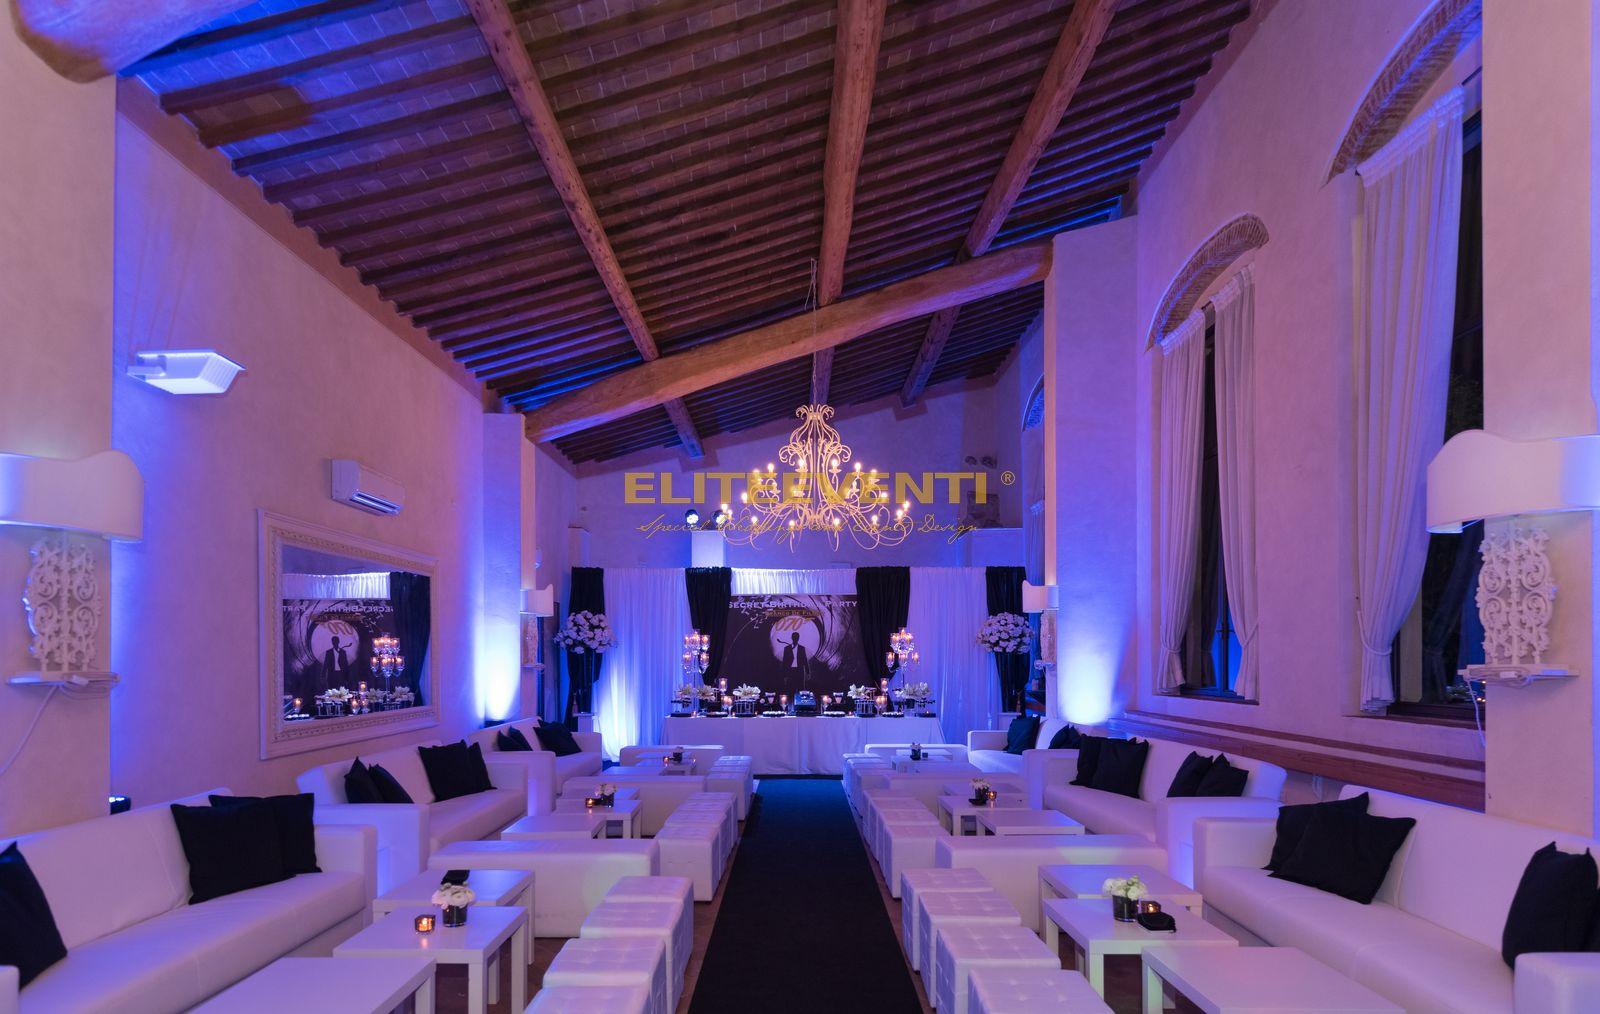 Allestimenti Villa Scorzi by eliteeventi